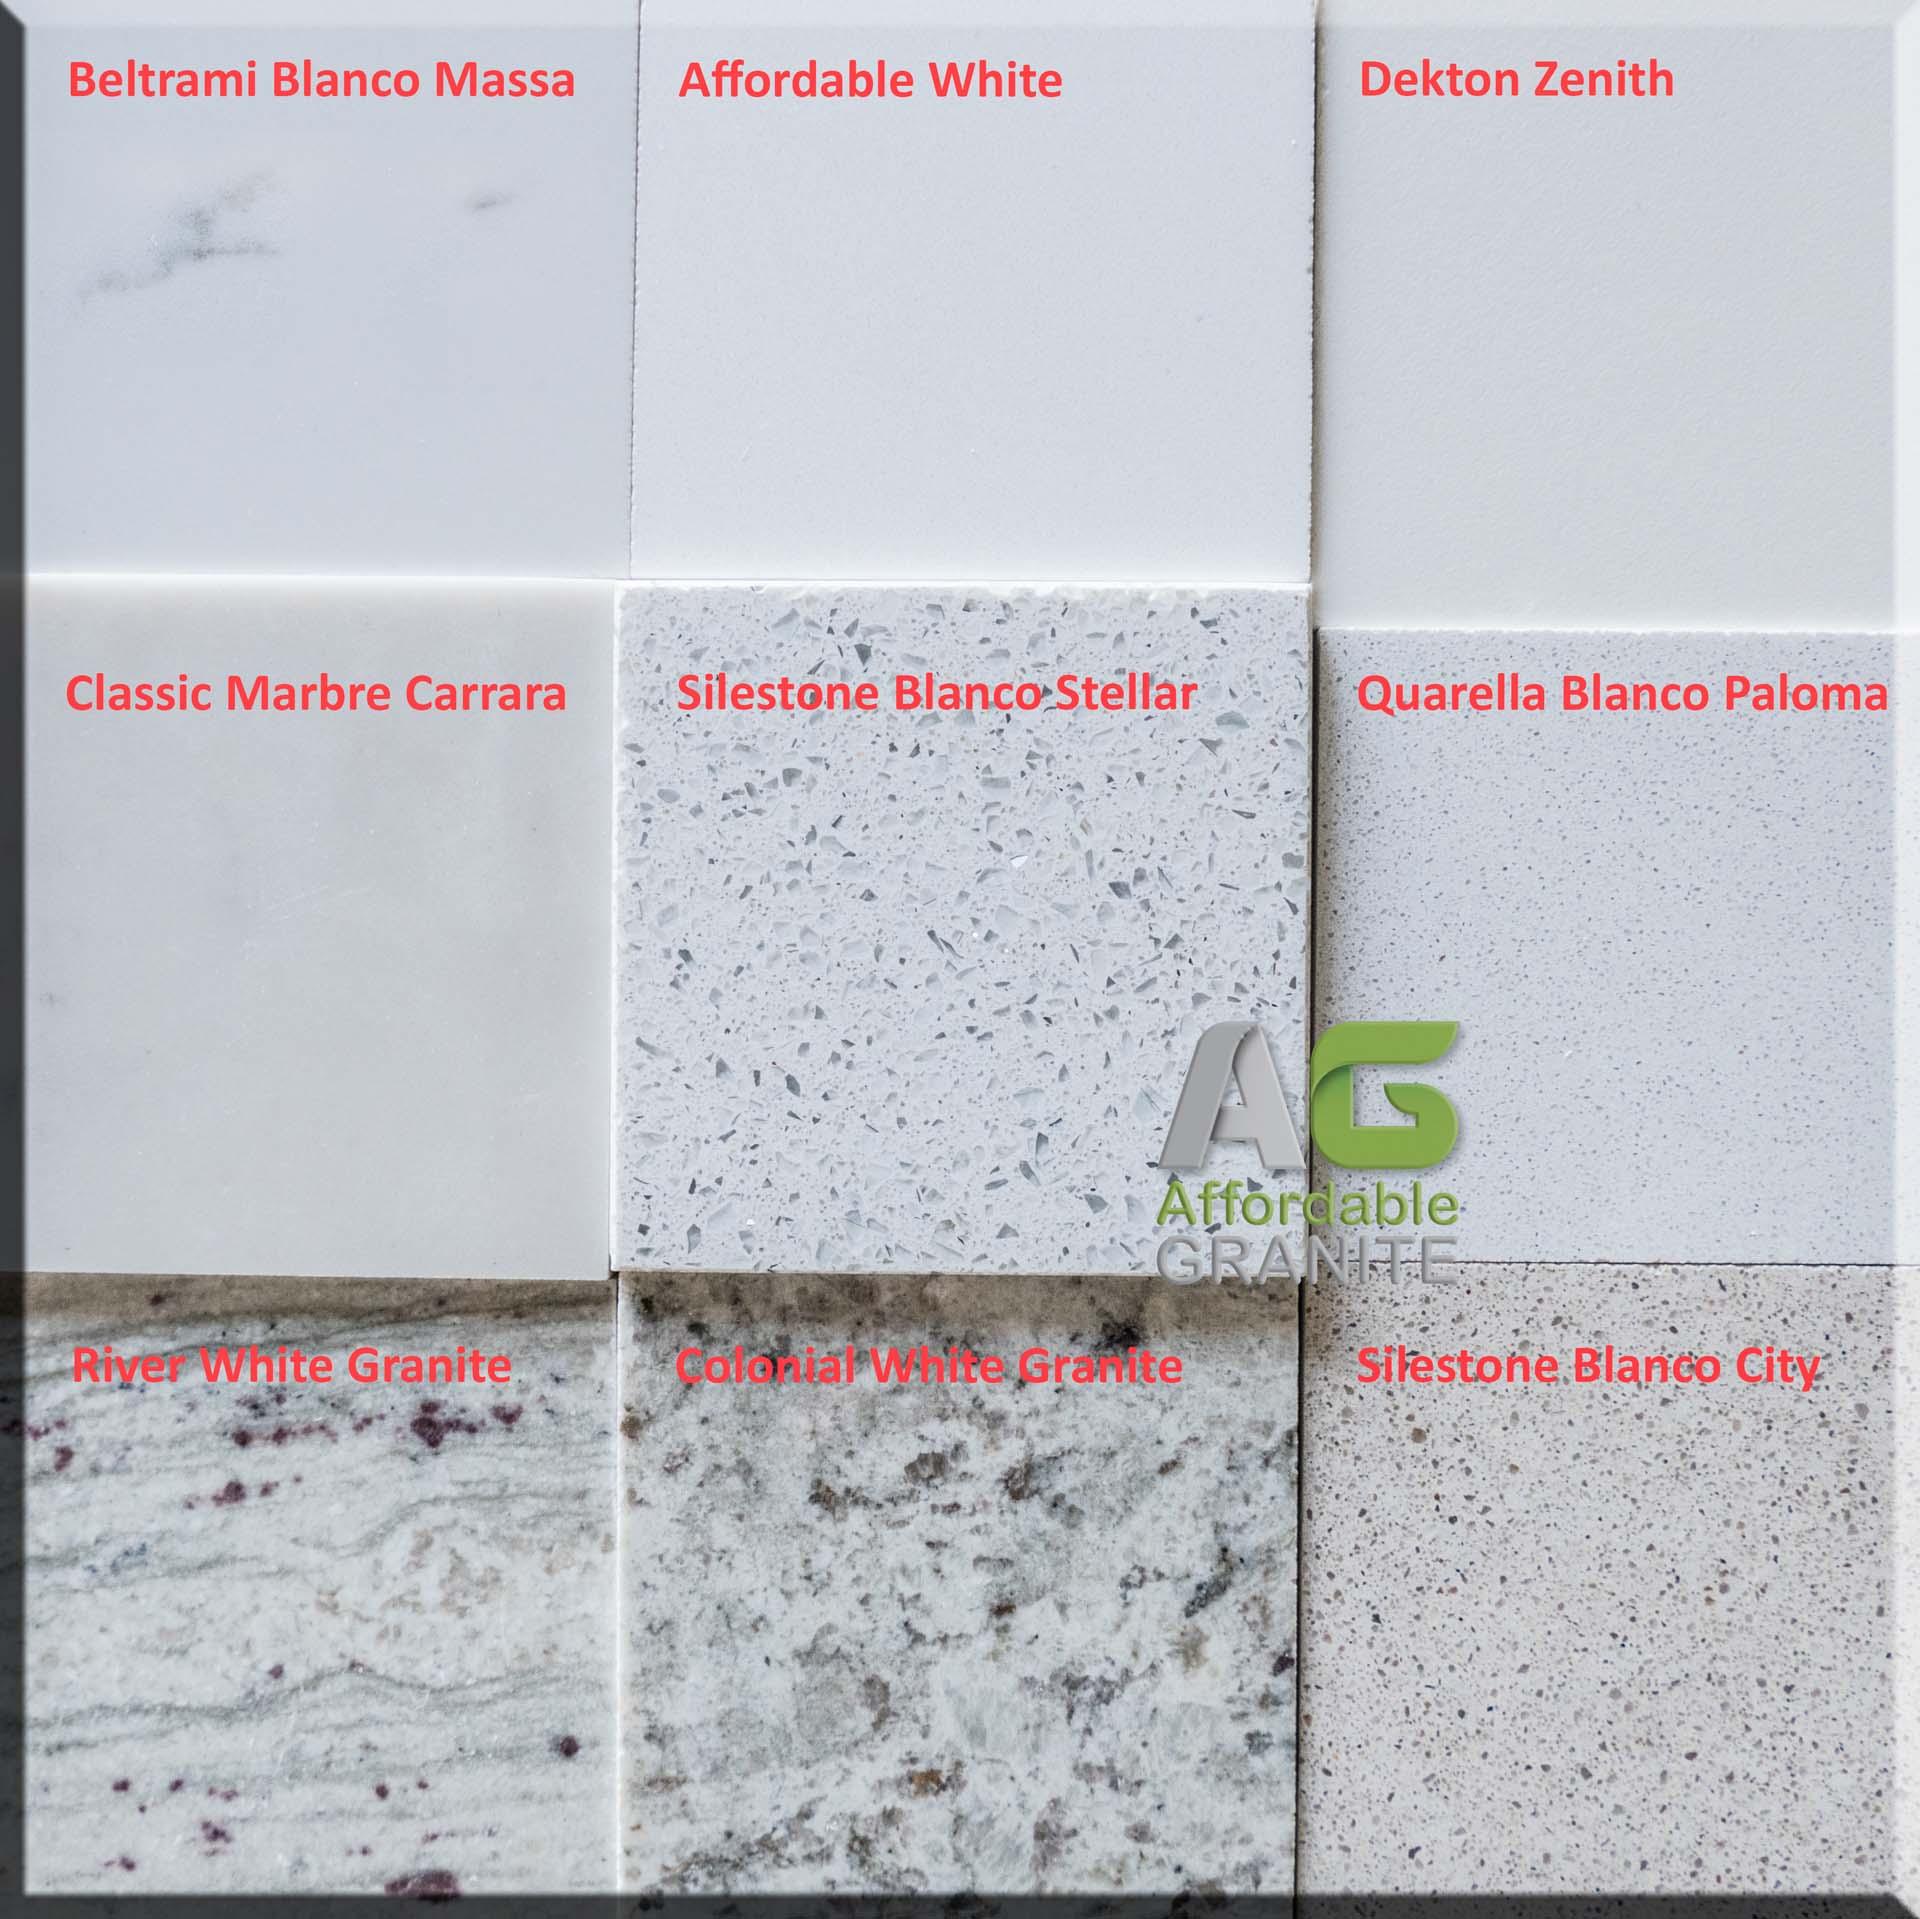 150930 river white granite colonial affordable blanco stellar quarella blanco paloma